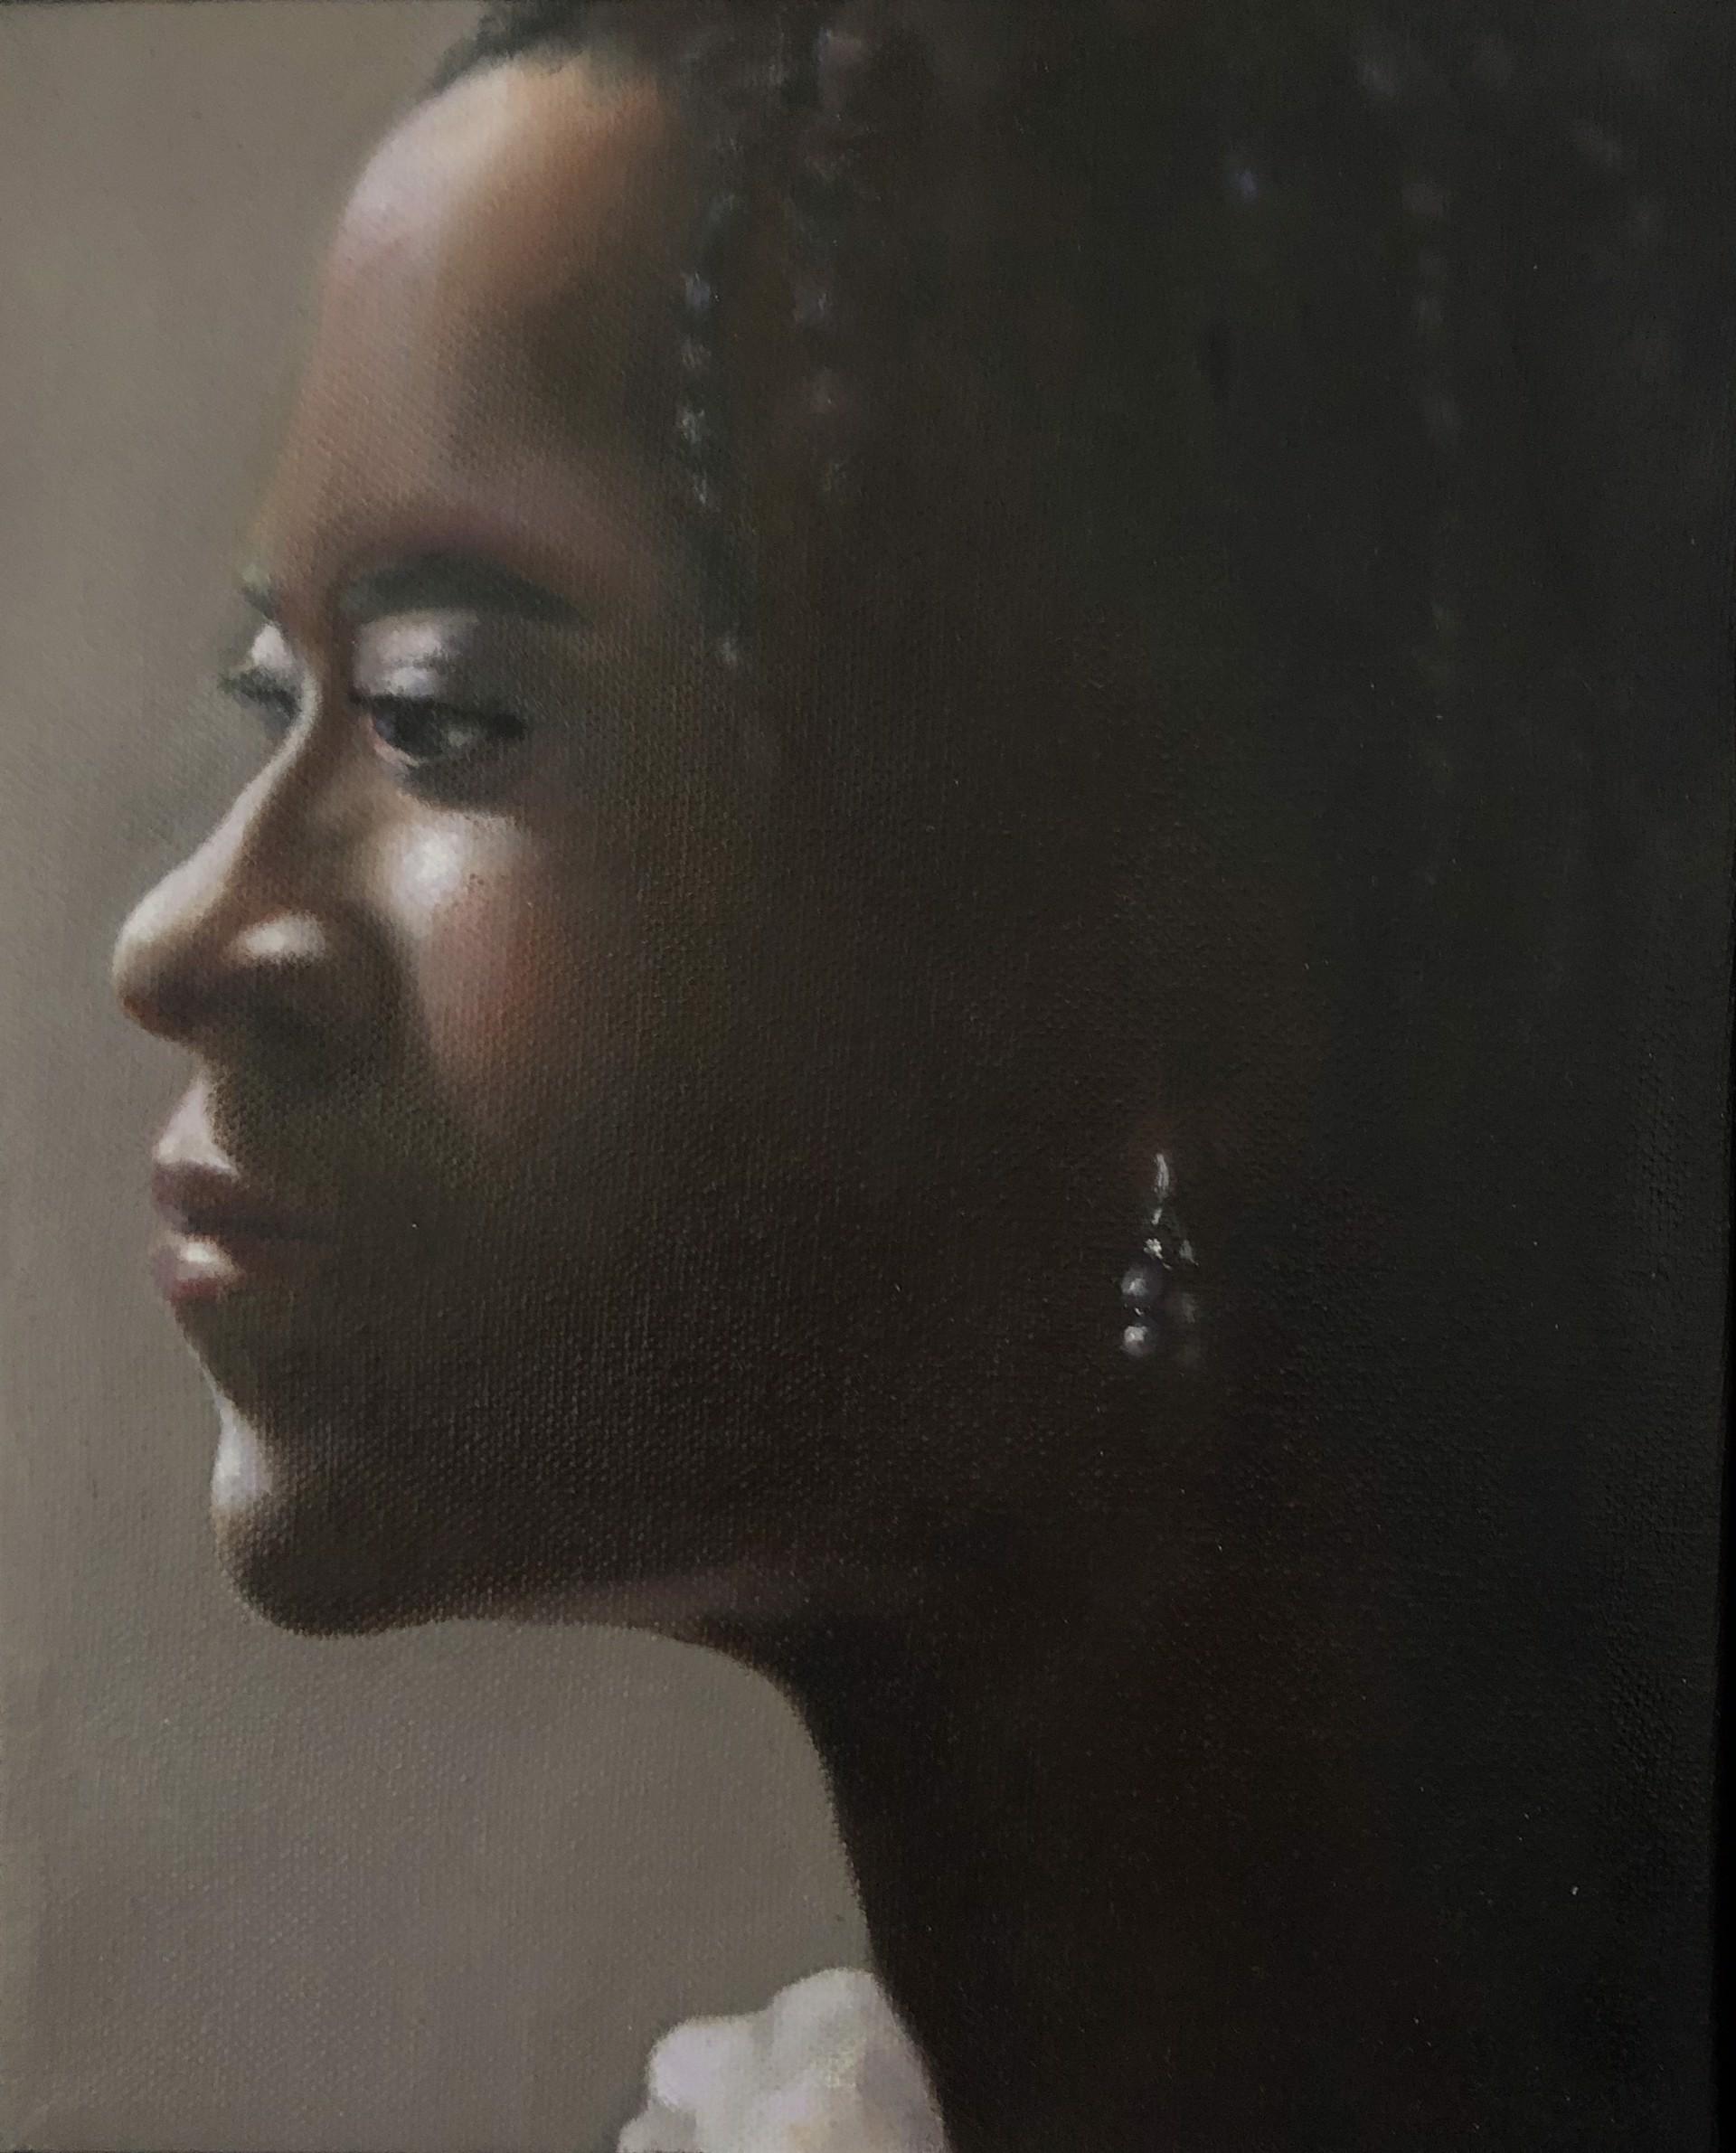 Serene by Paula Zeller